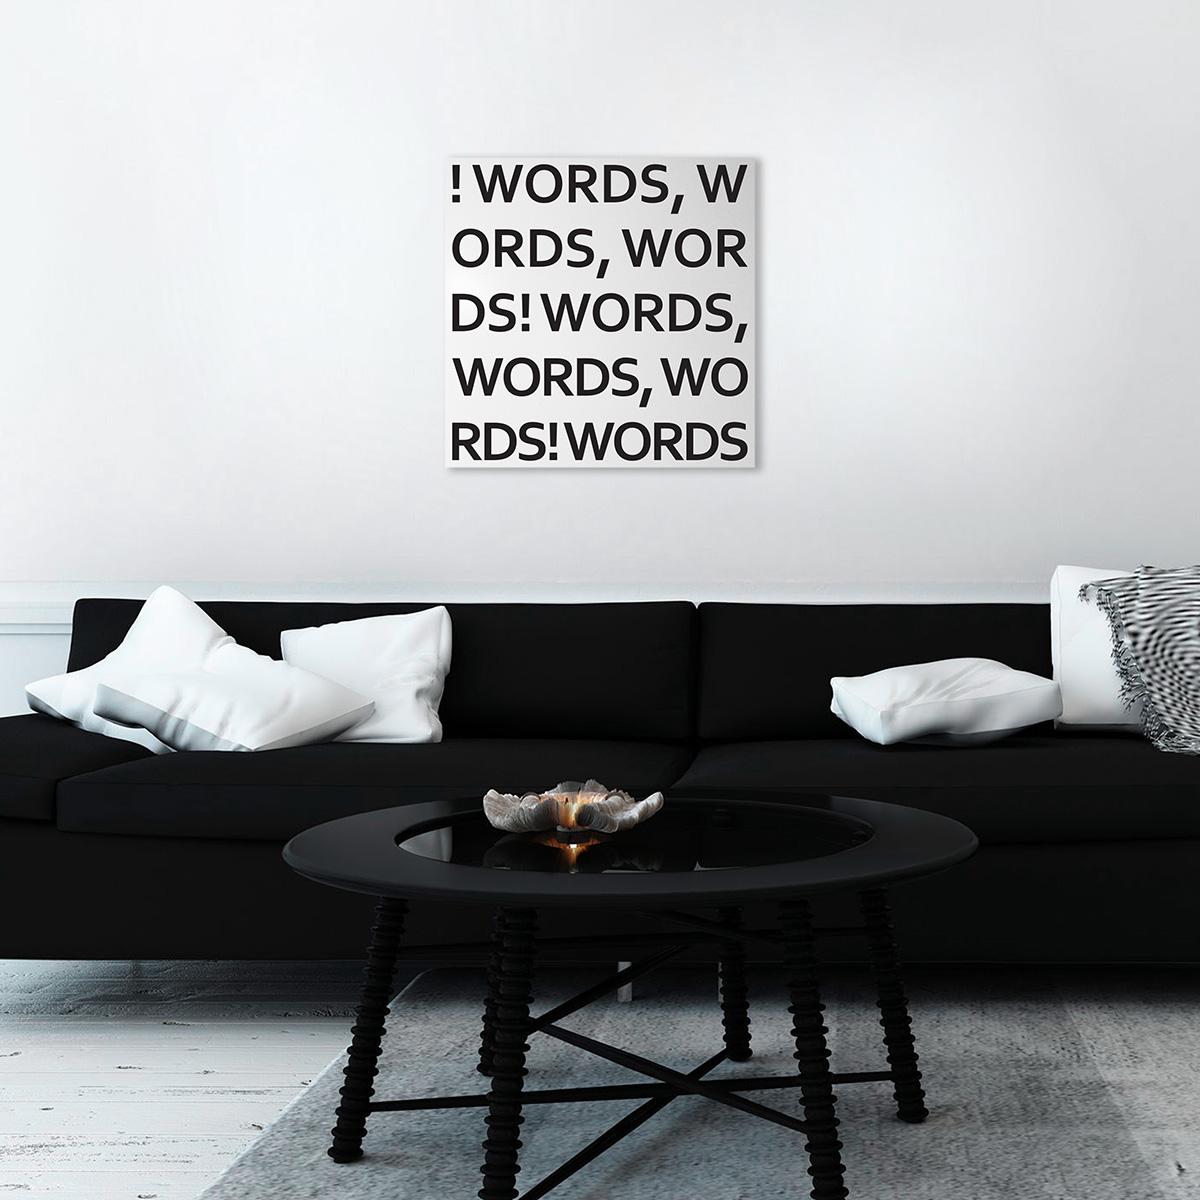 lavagna-magnetica-portafoto-magnetic-board-photo-holder-mood-words